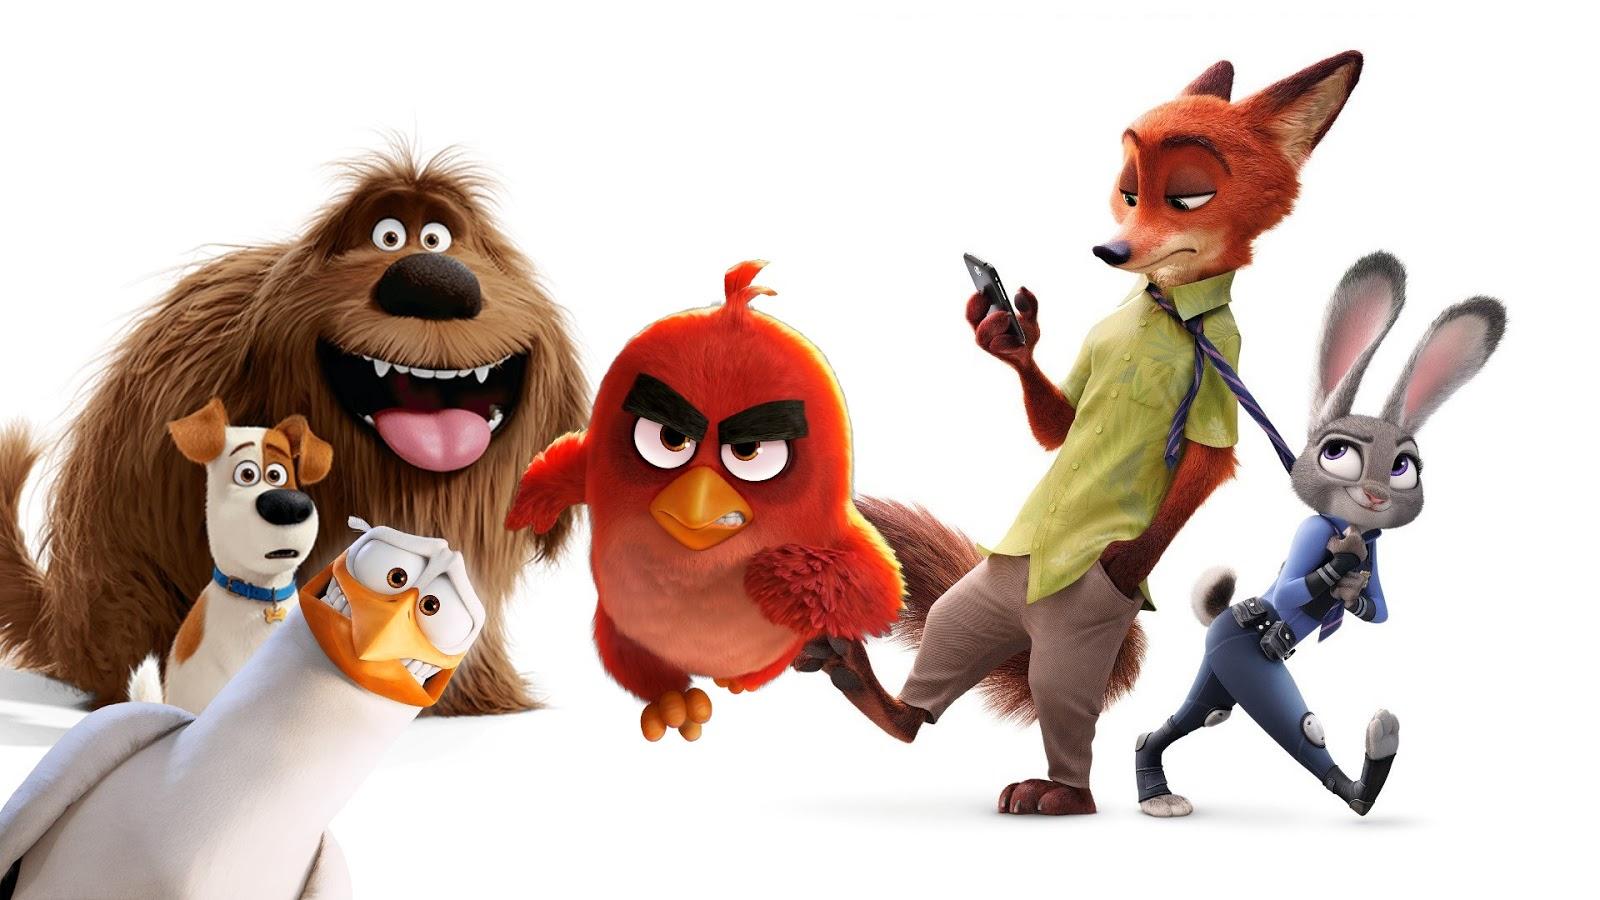 27 Filmes de Animação são apresentados para a corrida ao Oscar 2017